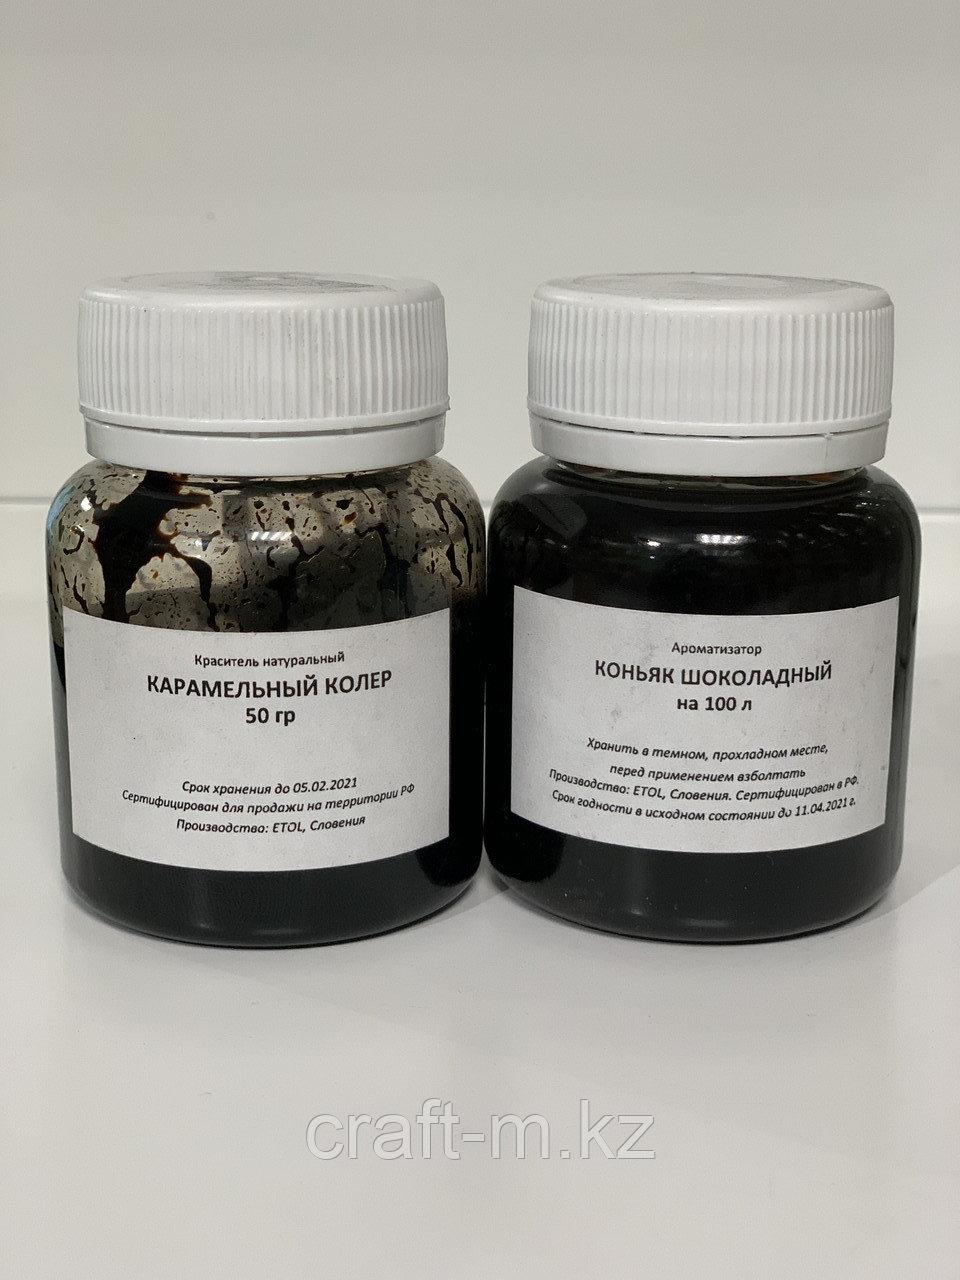 Коньяк шоколадный - ароматизатор на 100л + колер 50г